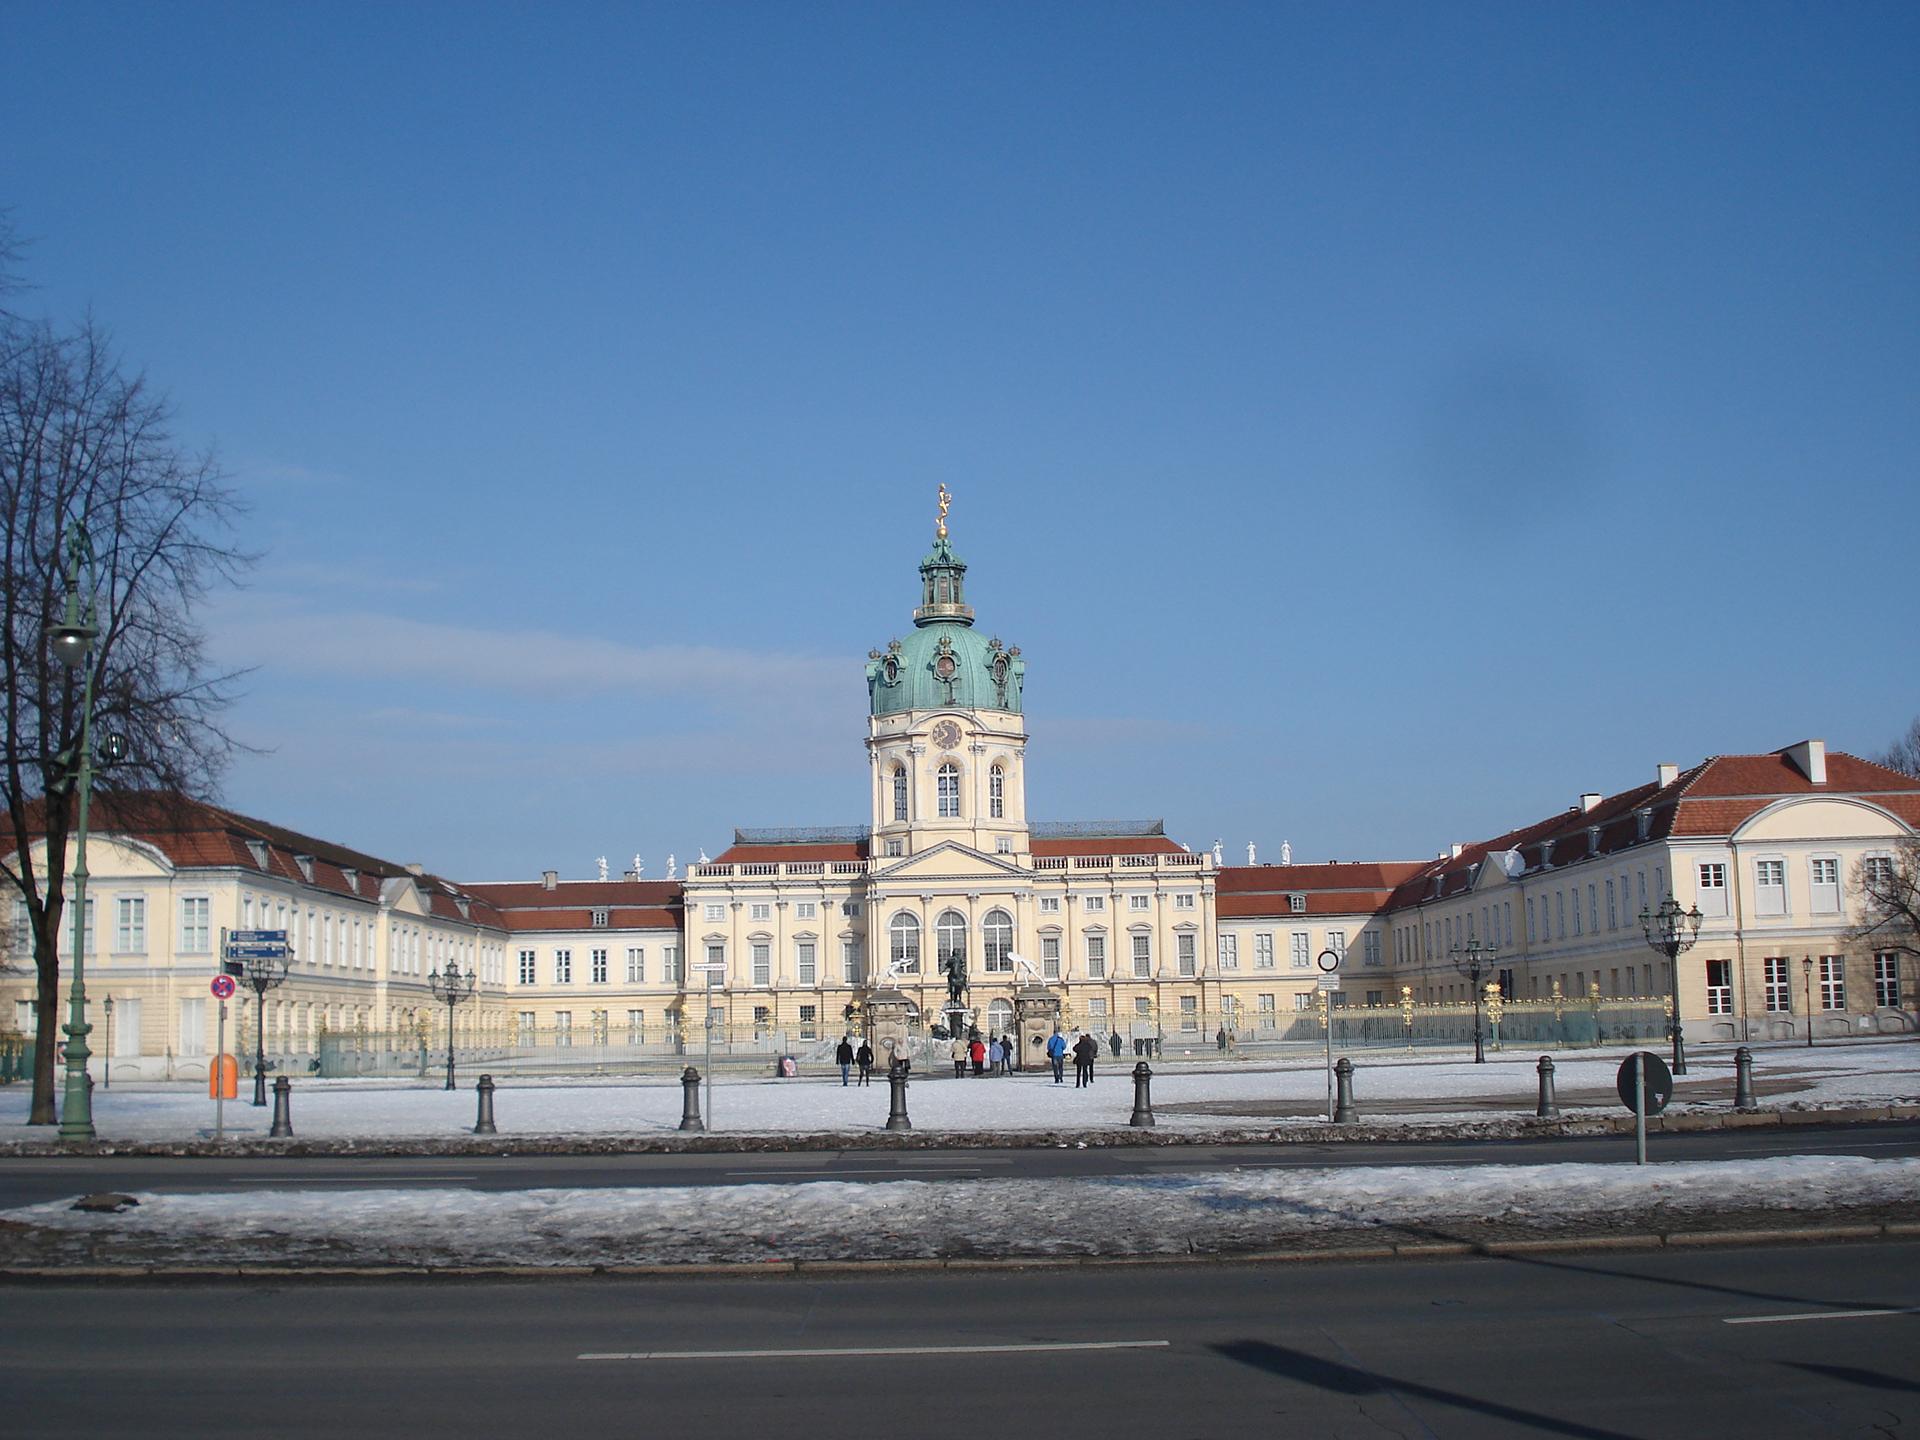 El Palacio de Charlottenburg, en homenaje a Sophie Charlotte, la primera reina consorte en Prusia, sufrió daños durante la guerra, pero fue reconstruido